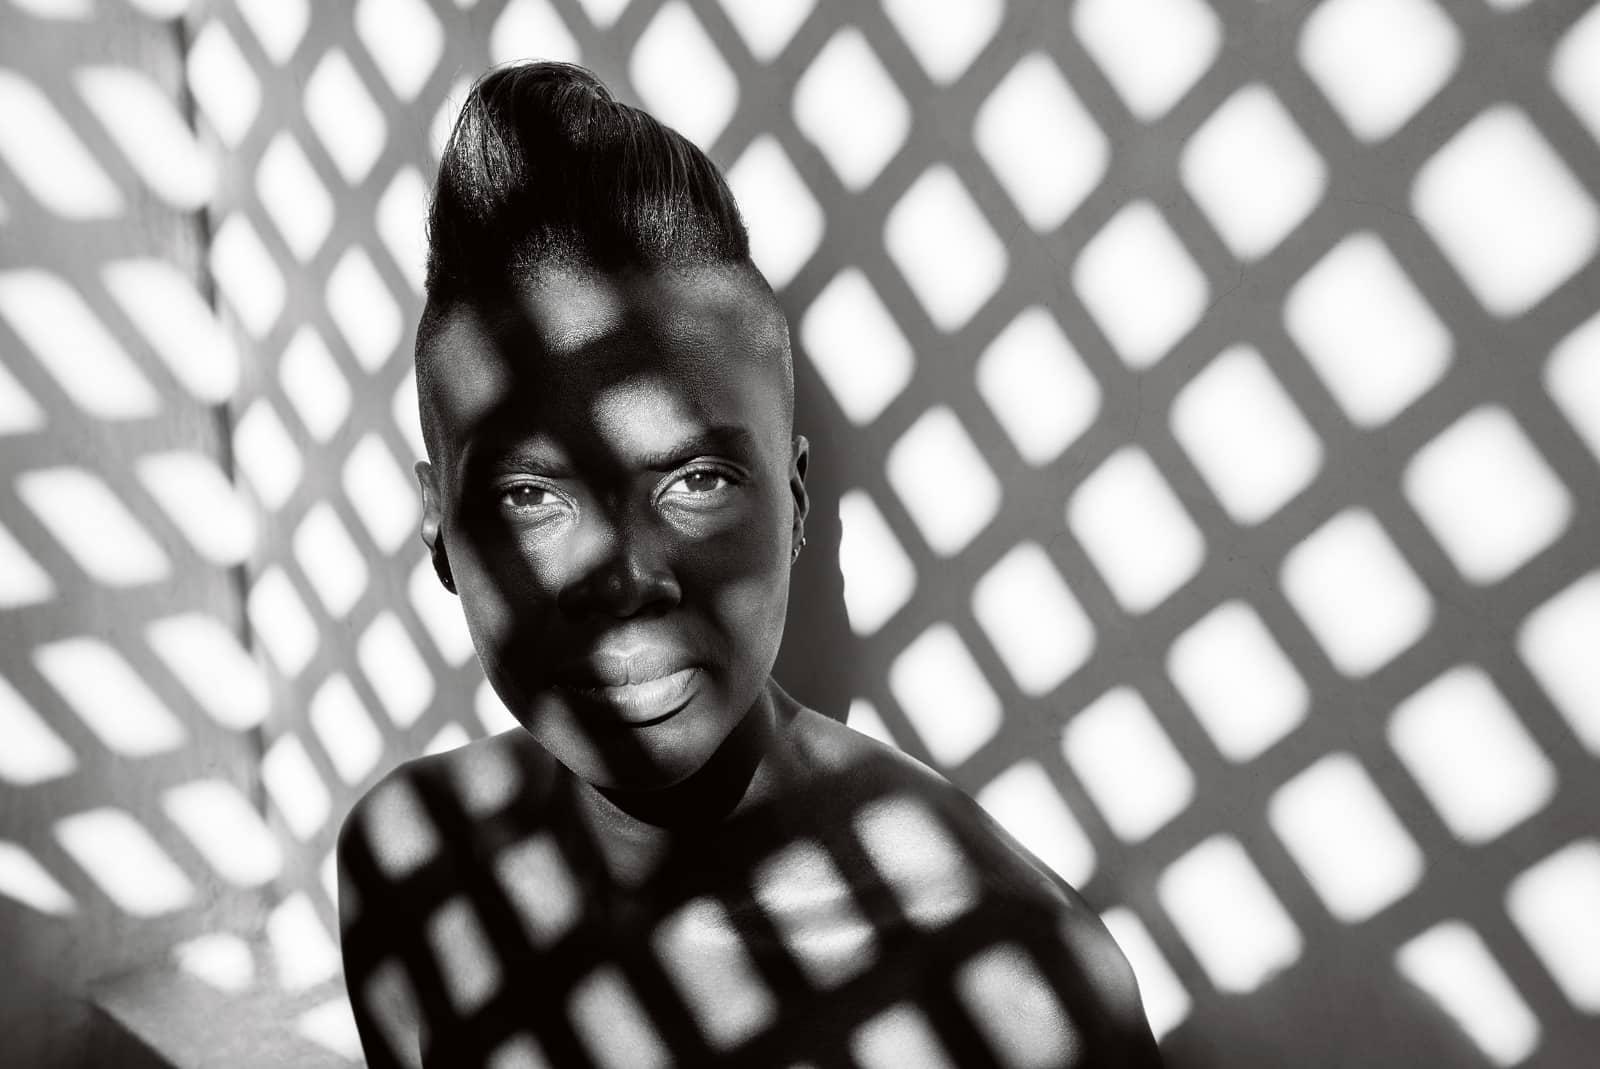 © Annelies Damen - Angalia: portret zwarte vrouw met licht dat door een hekwerk valt